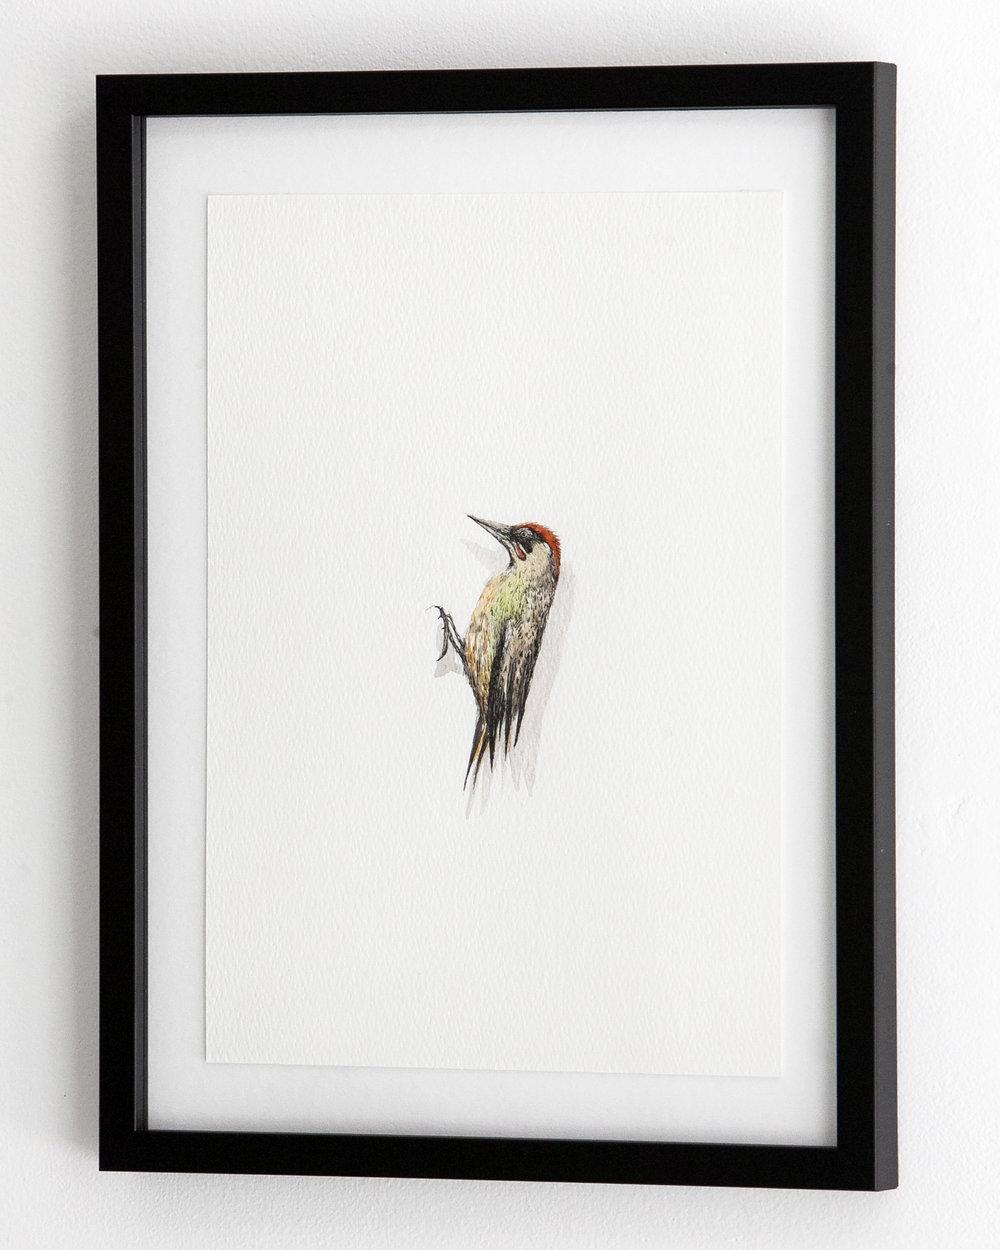 c_bird_7_2.jpg